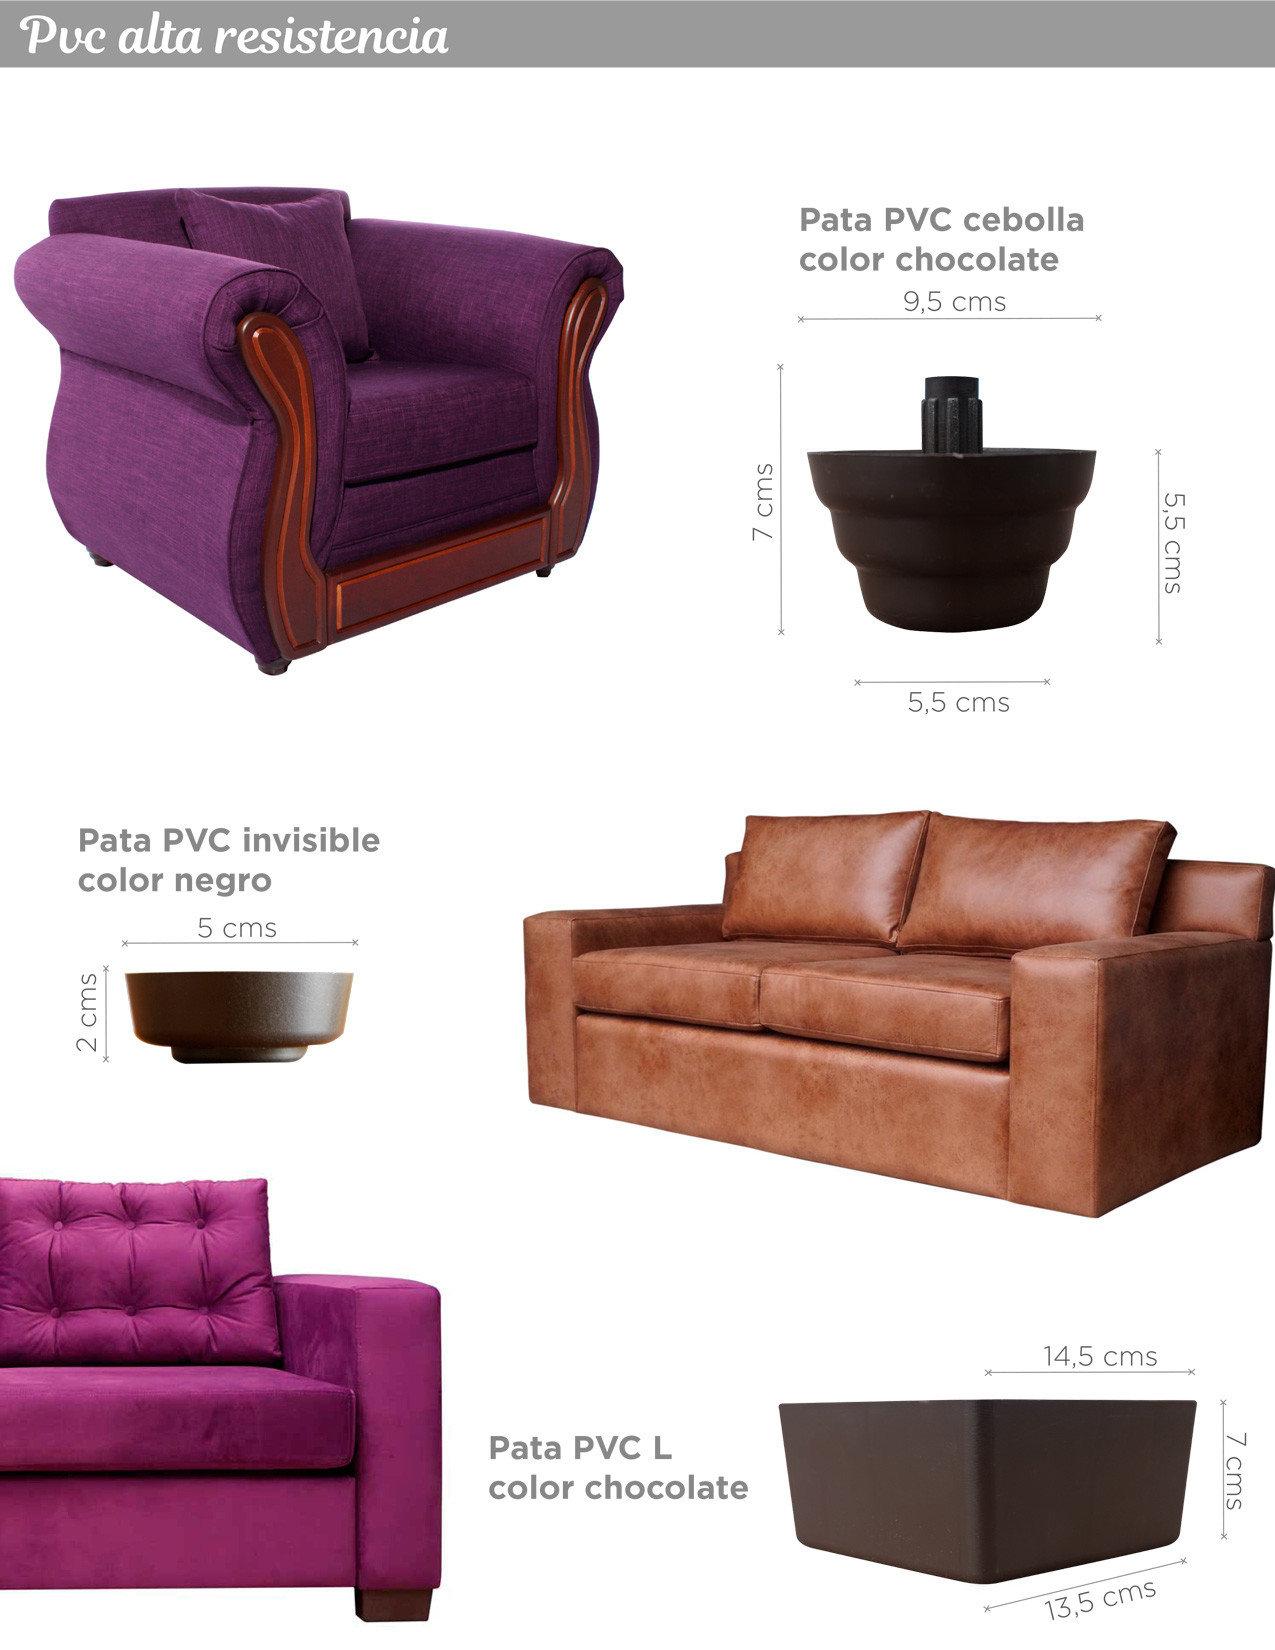 Patas en PVC modelos cebolla, invisible y L colores chocolate y negro para sillones y sofas